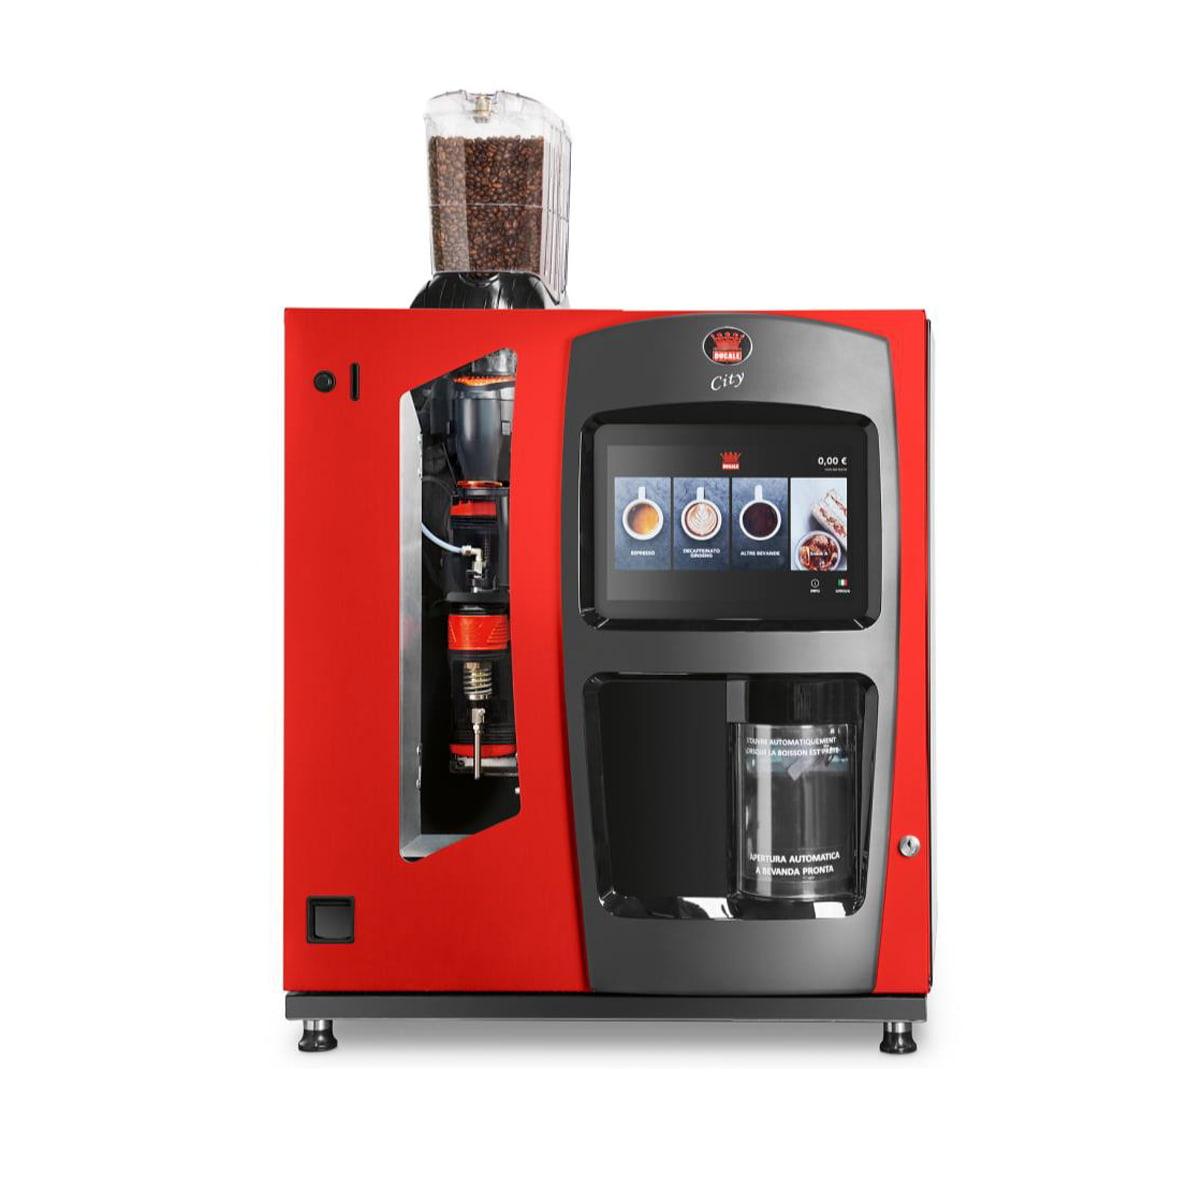 Ducale distributori automatici caffè vending